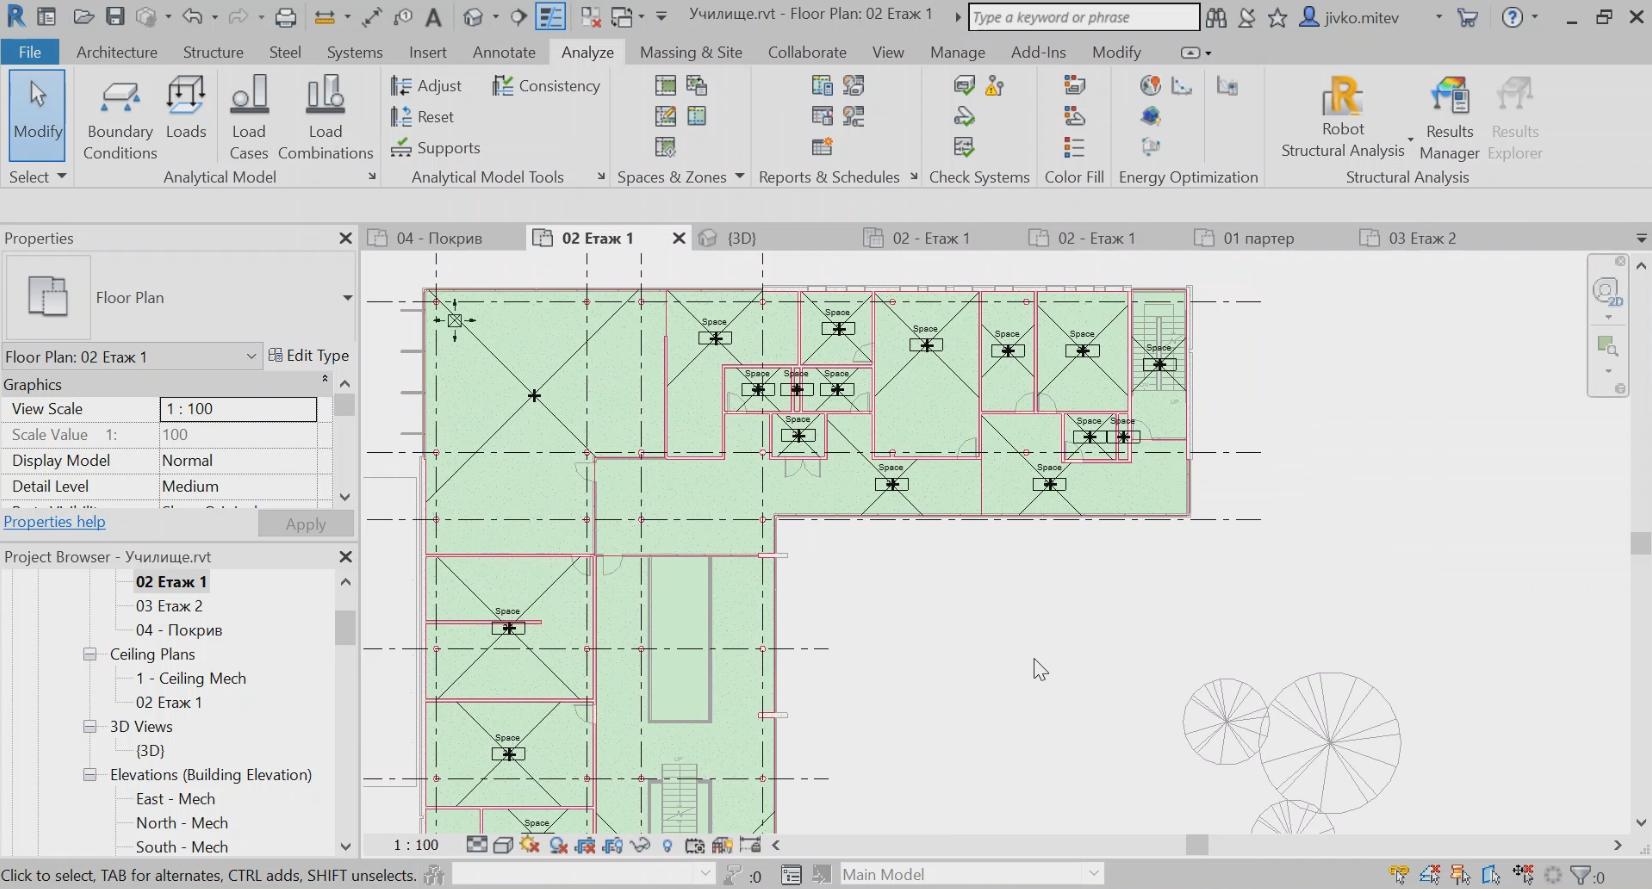 Създаване на нива (Levels). Копиране от архитектурата. Добавяне на изгледи към нивата. Създаване на пространства (Spaces)